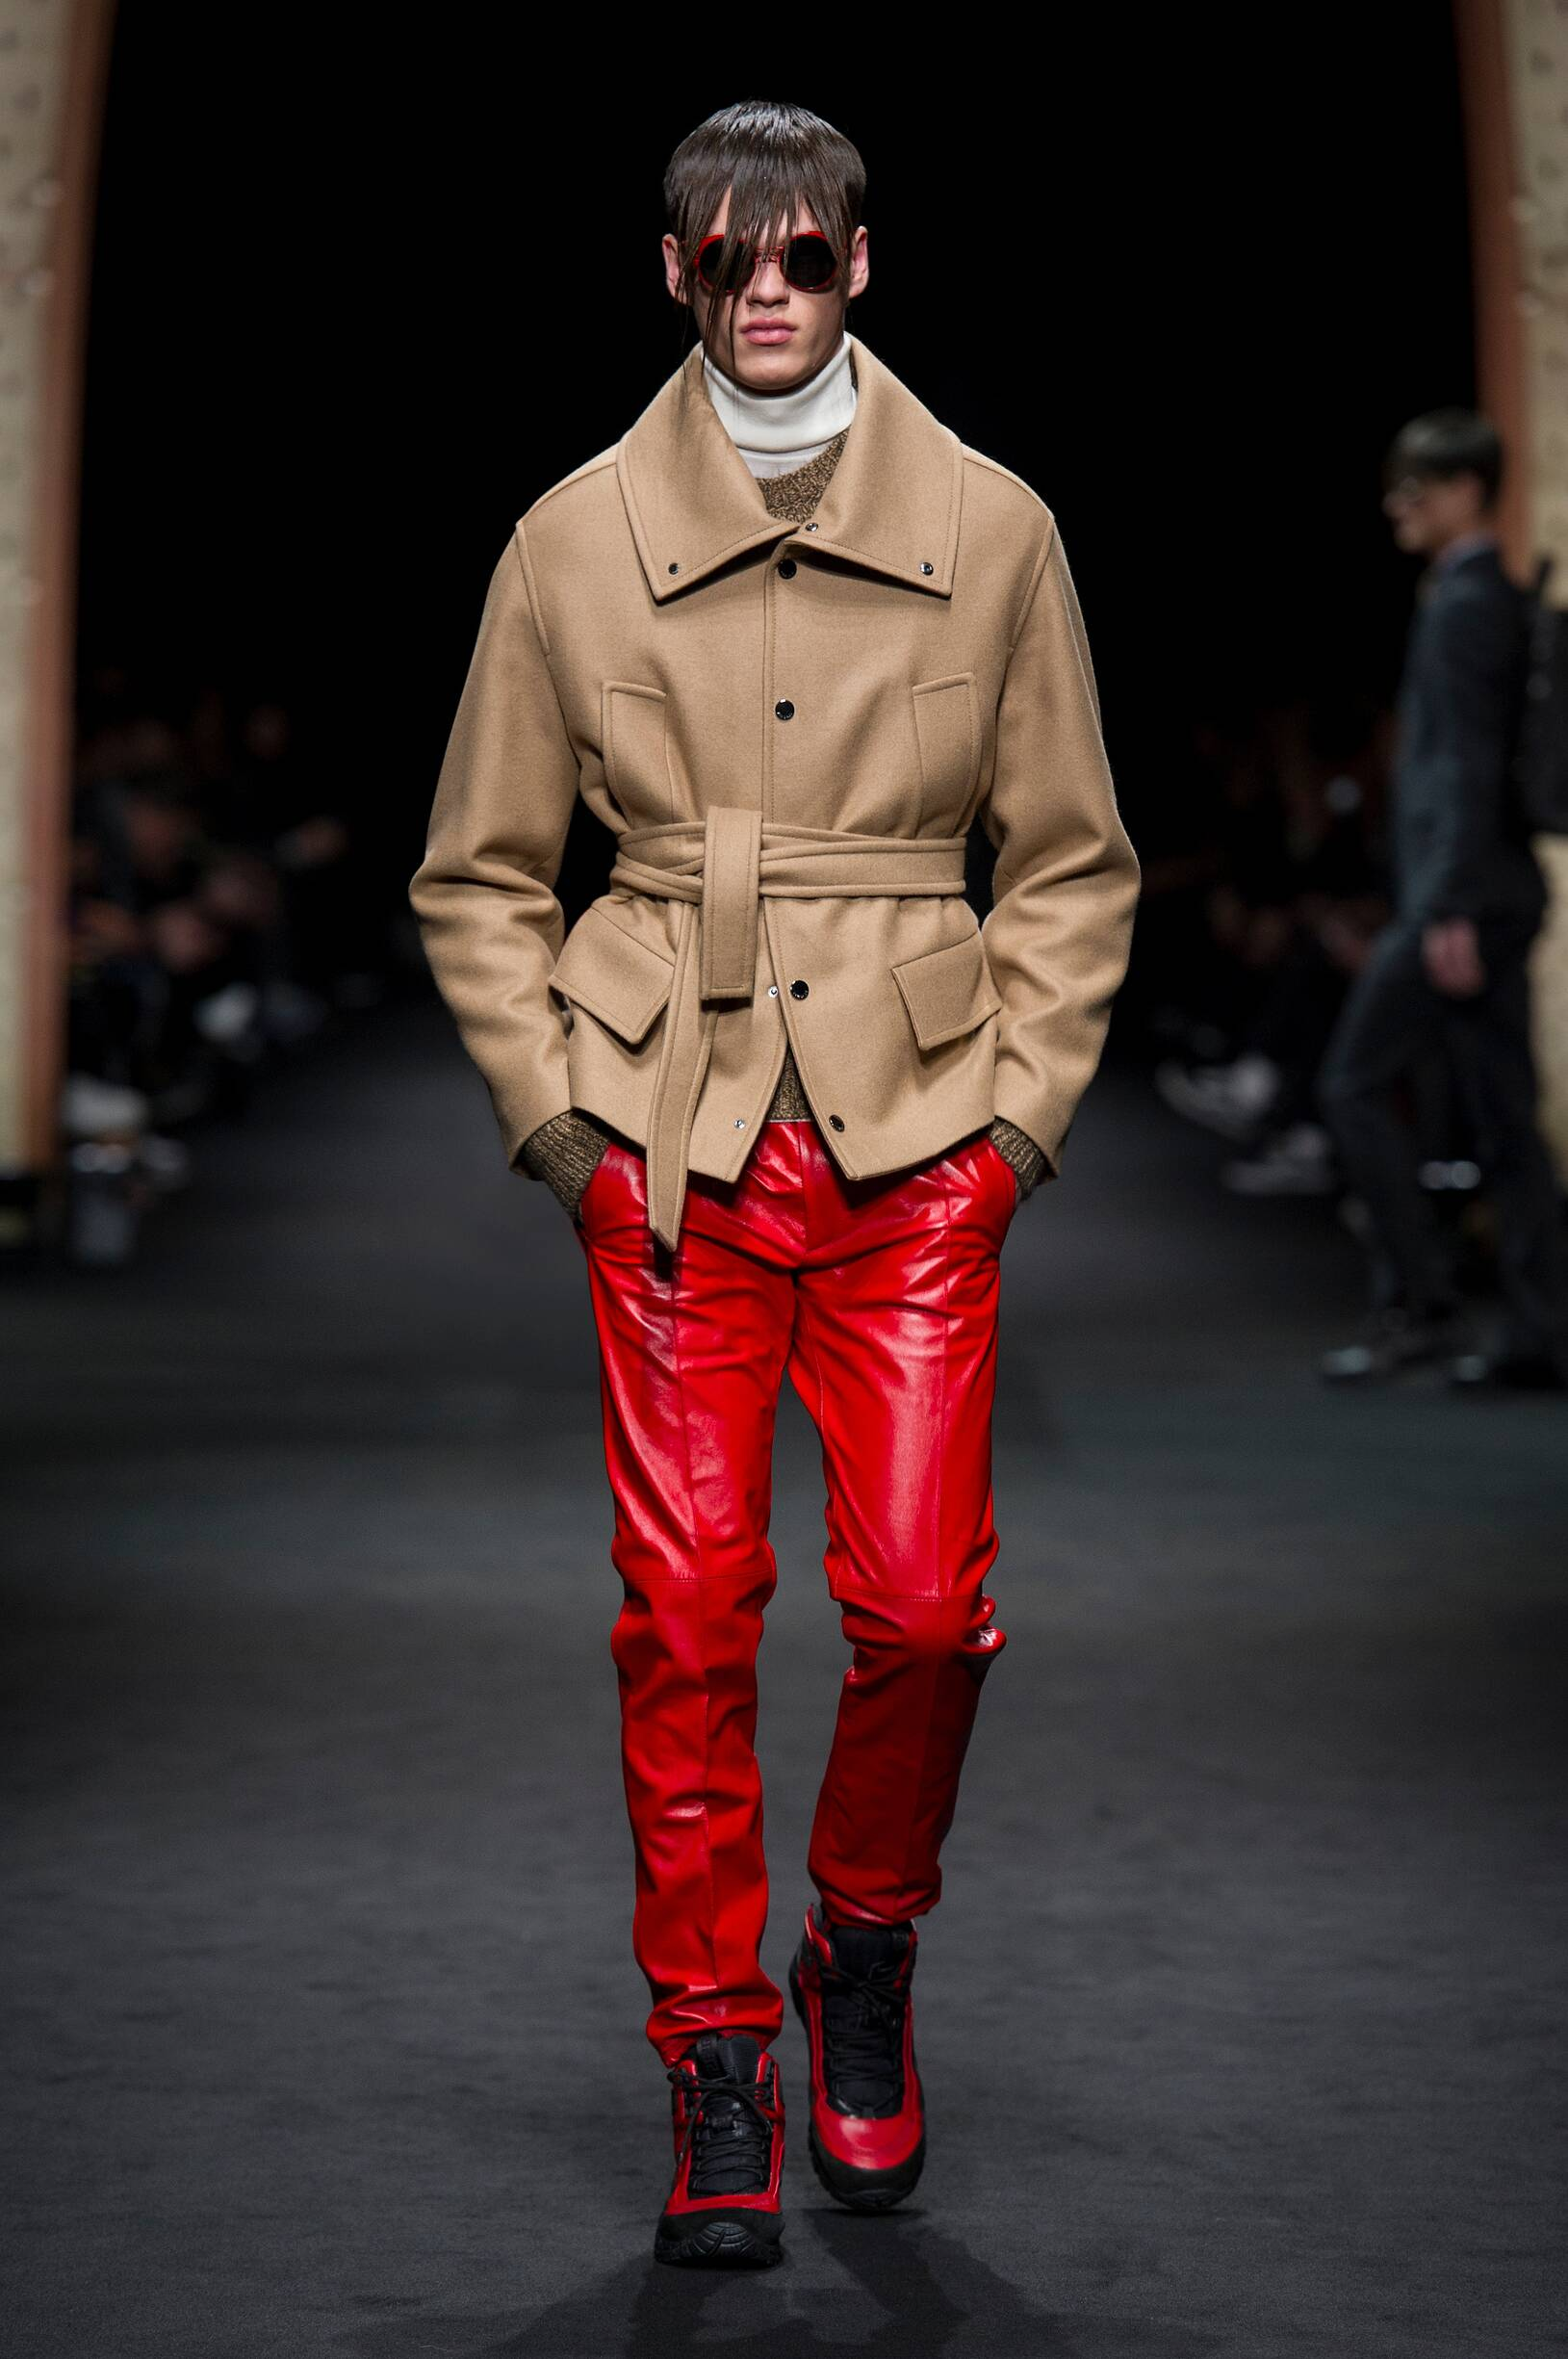 Versace FW 2017 Menswear